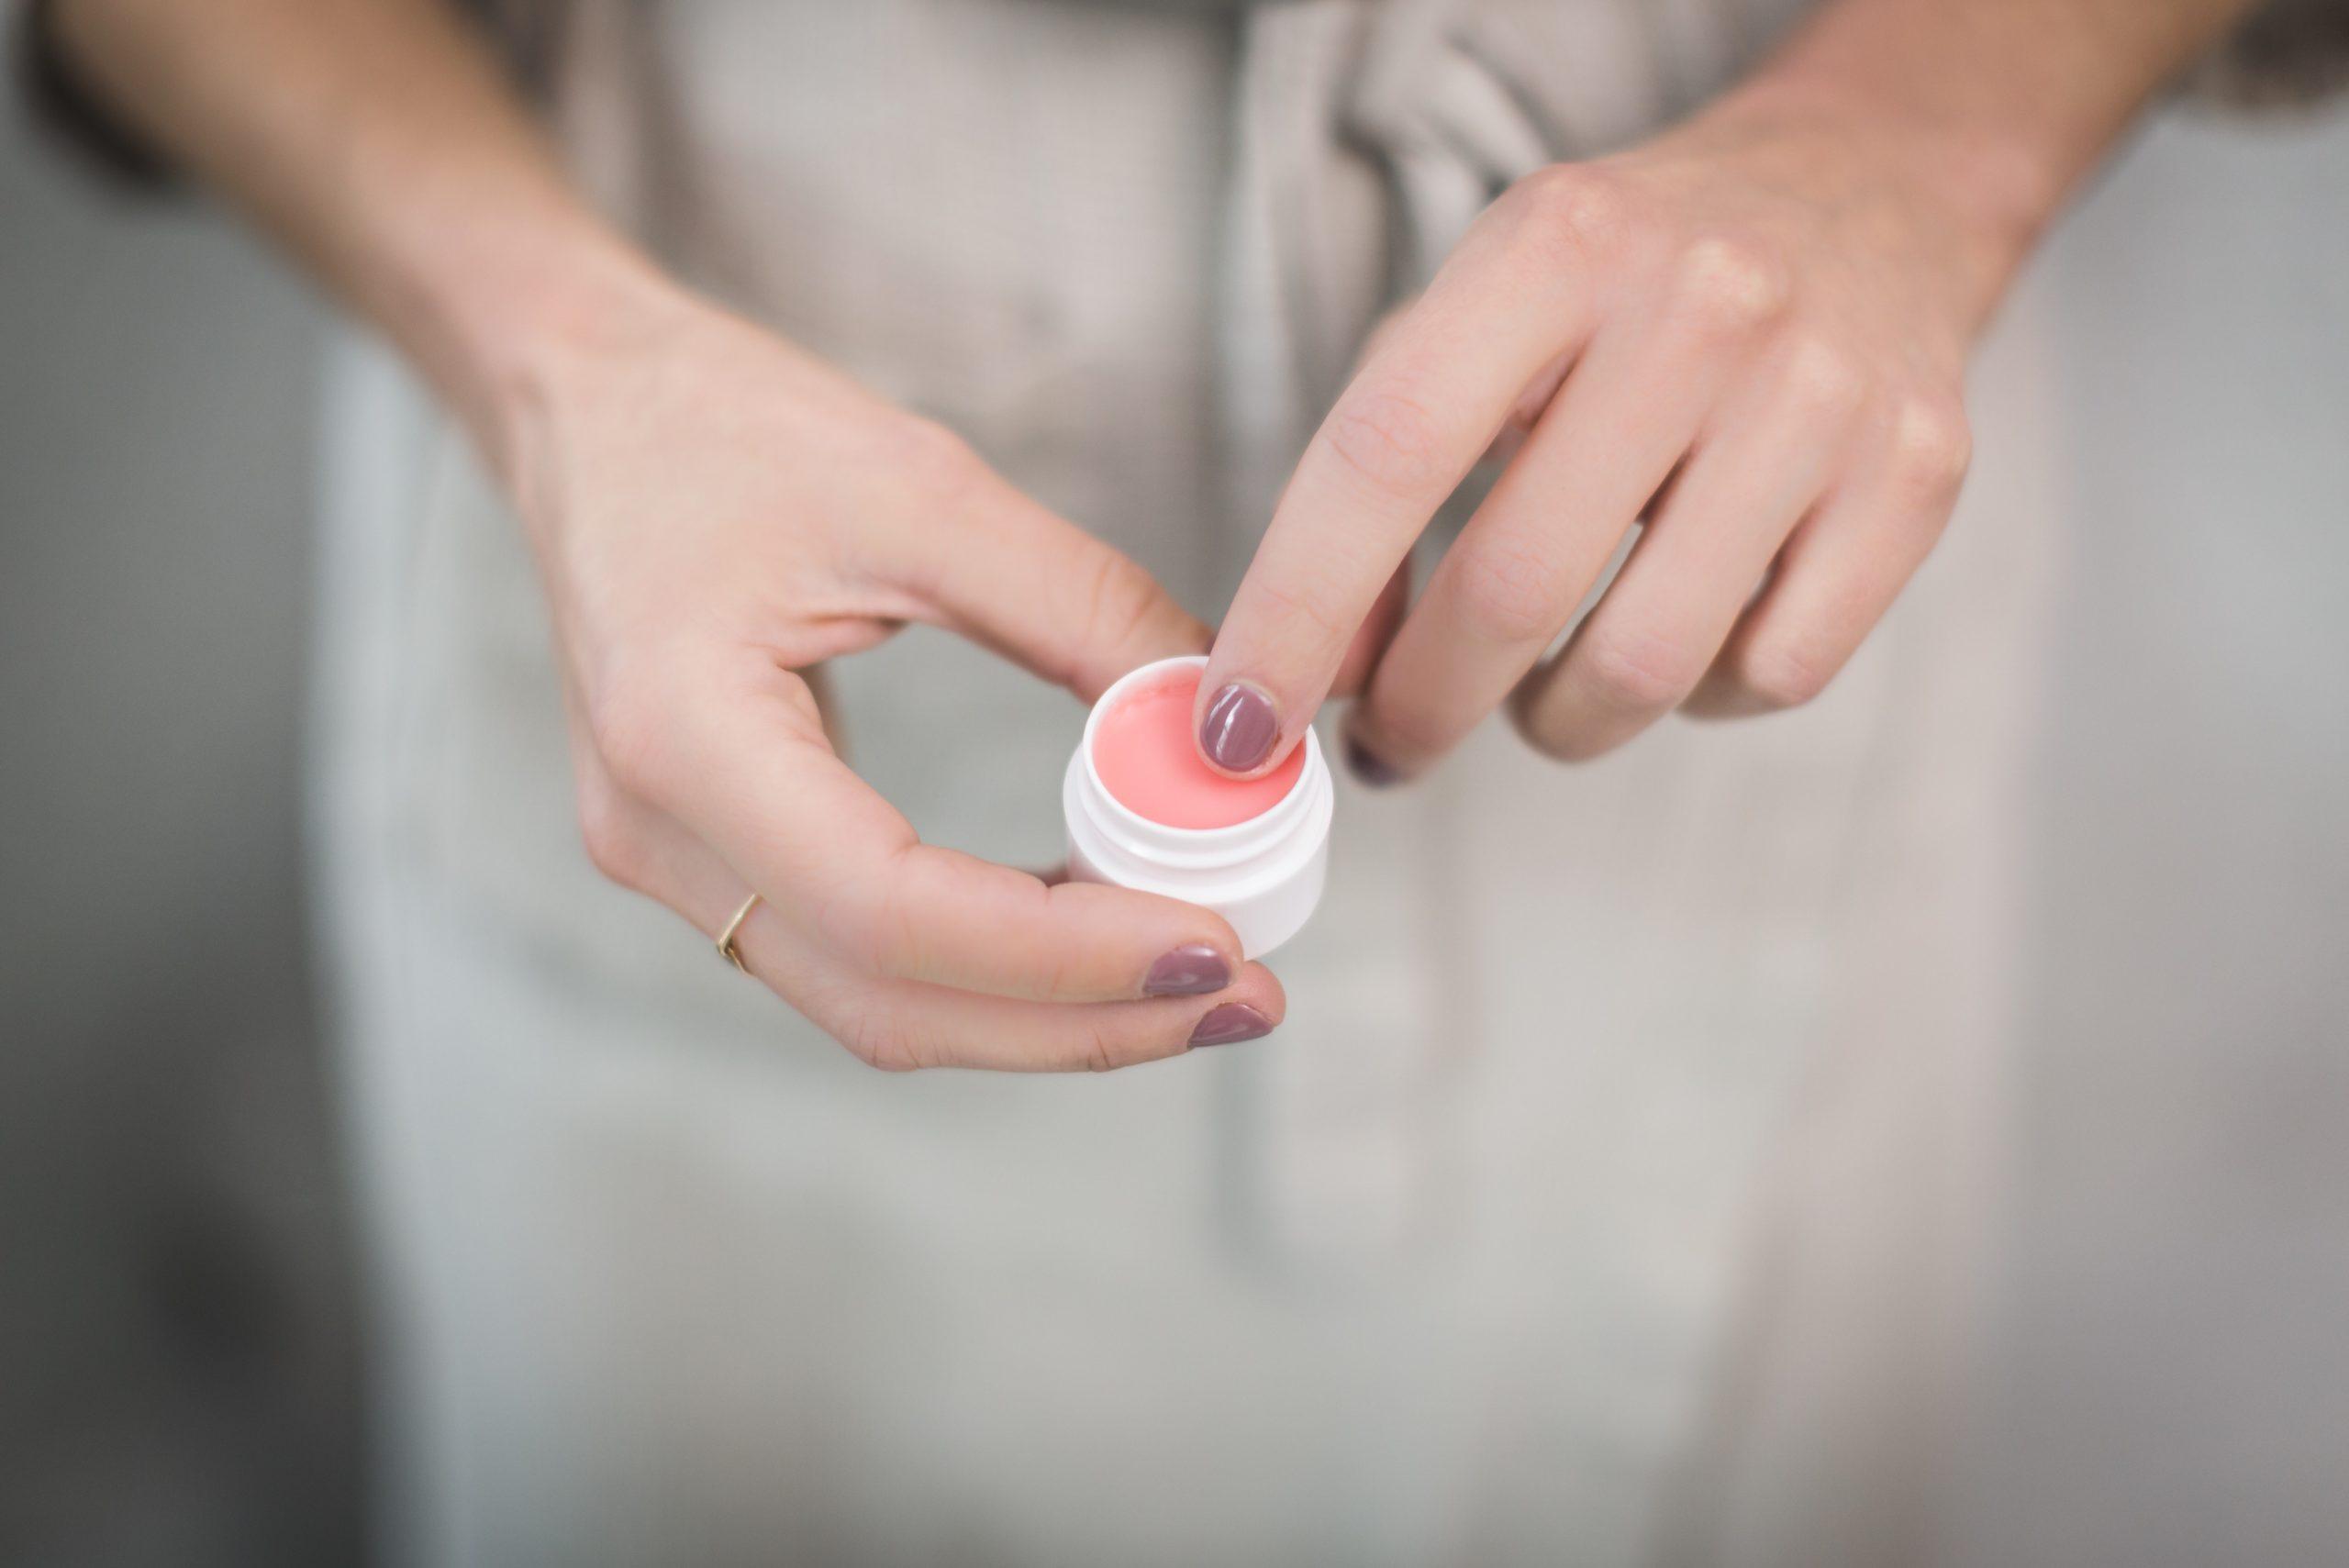 Foto que mostra duas mãos femininas segurando um pequeno potinho do que parece ser um esfoliante labial. Um dos dedos toca diretamente o produto, como se fosse aplica-lo.